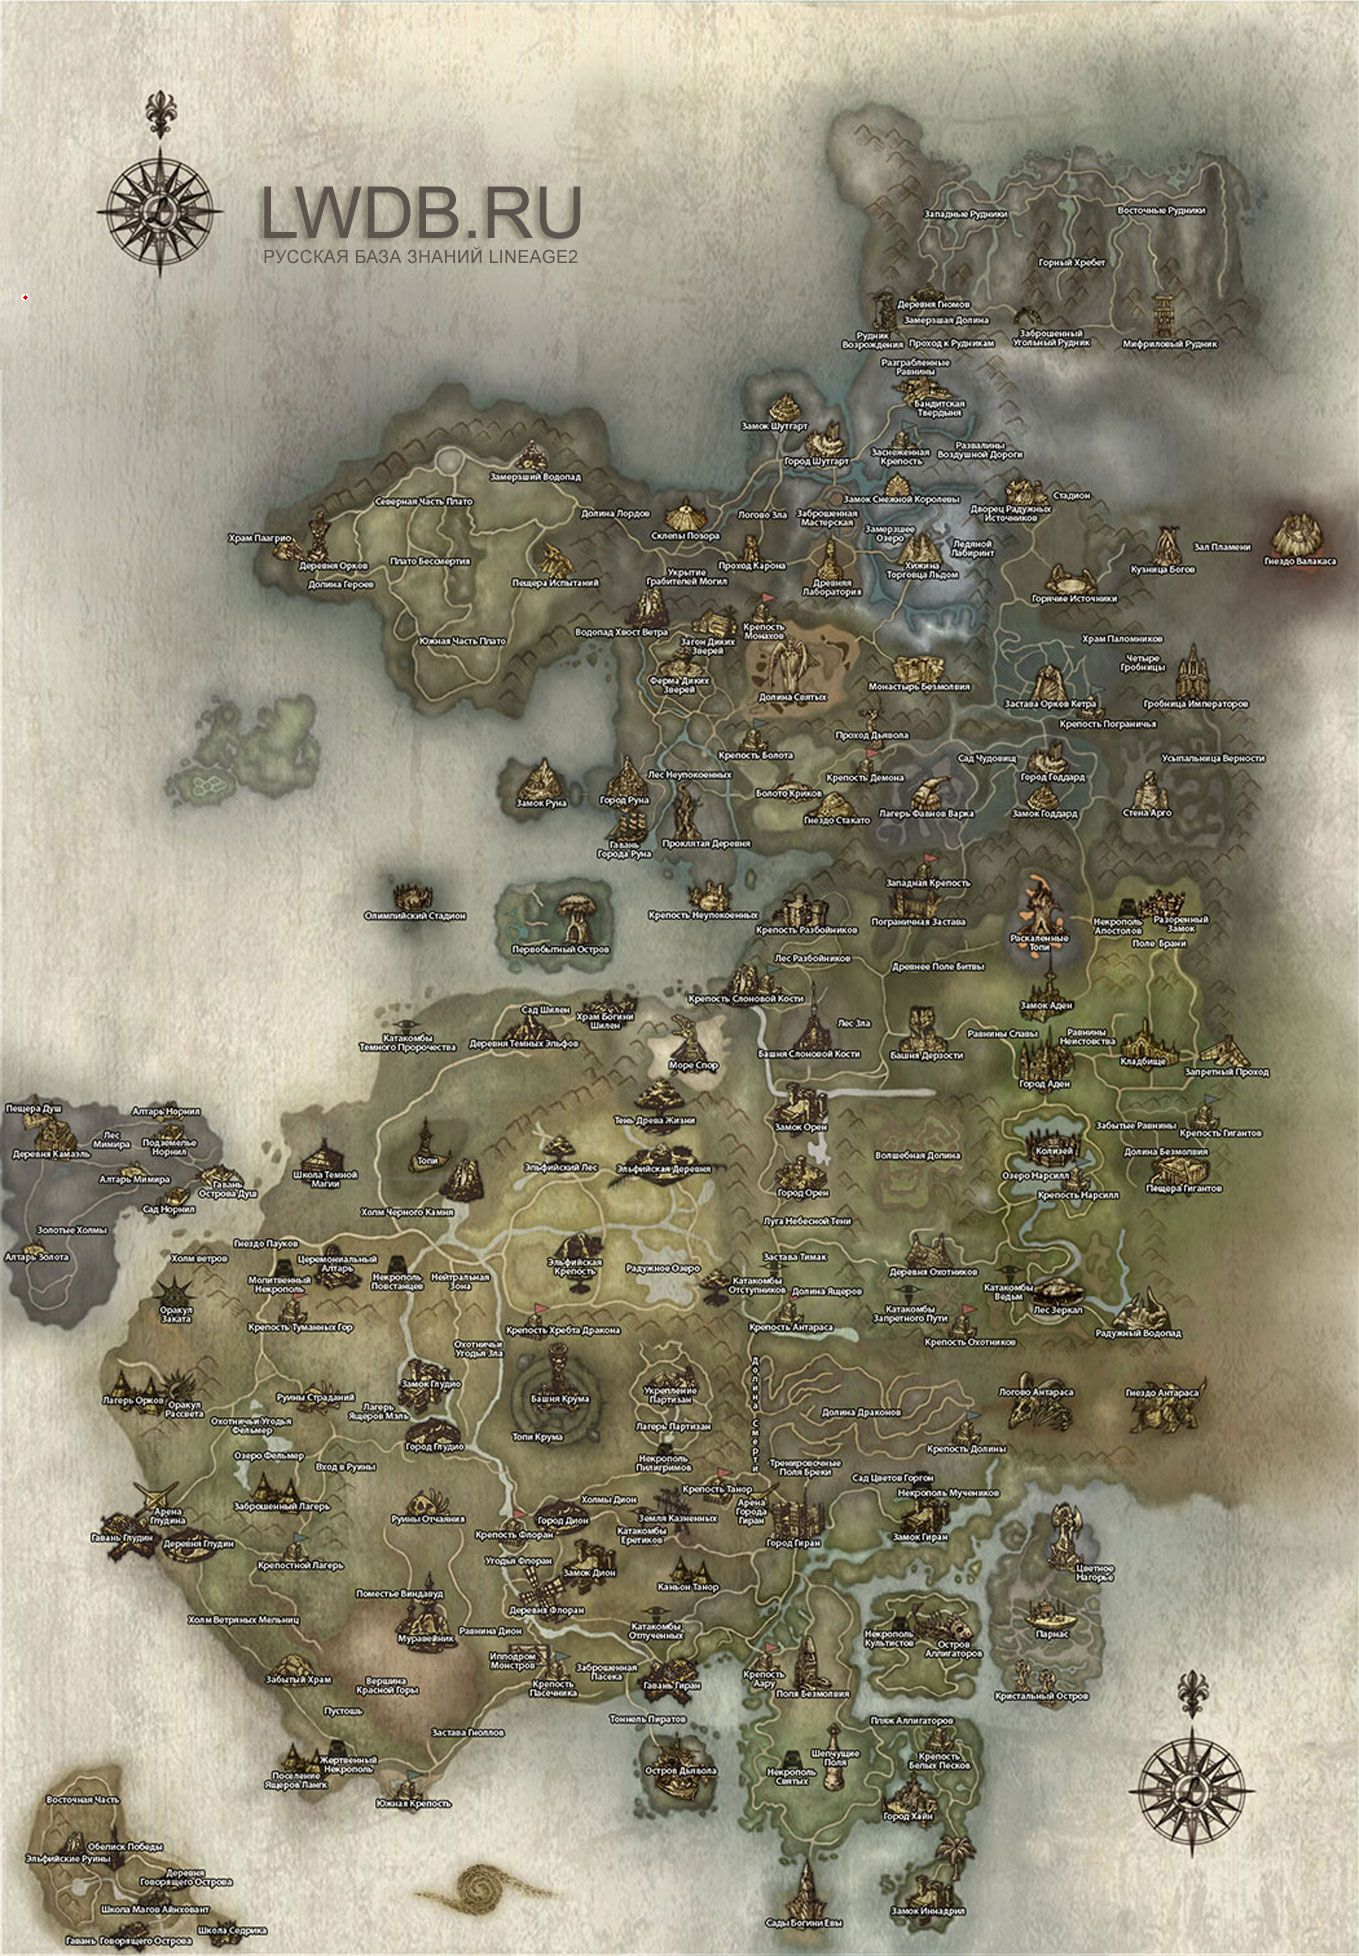 Кликните на карту, чтобы открыть ее в большем размере